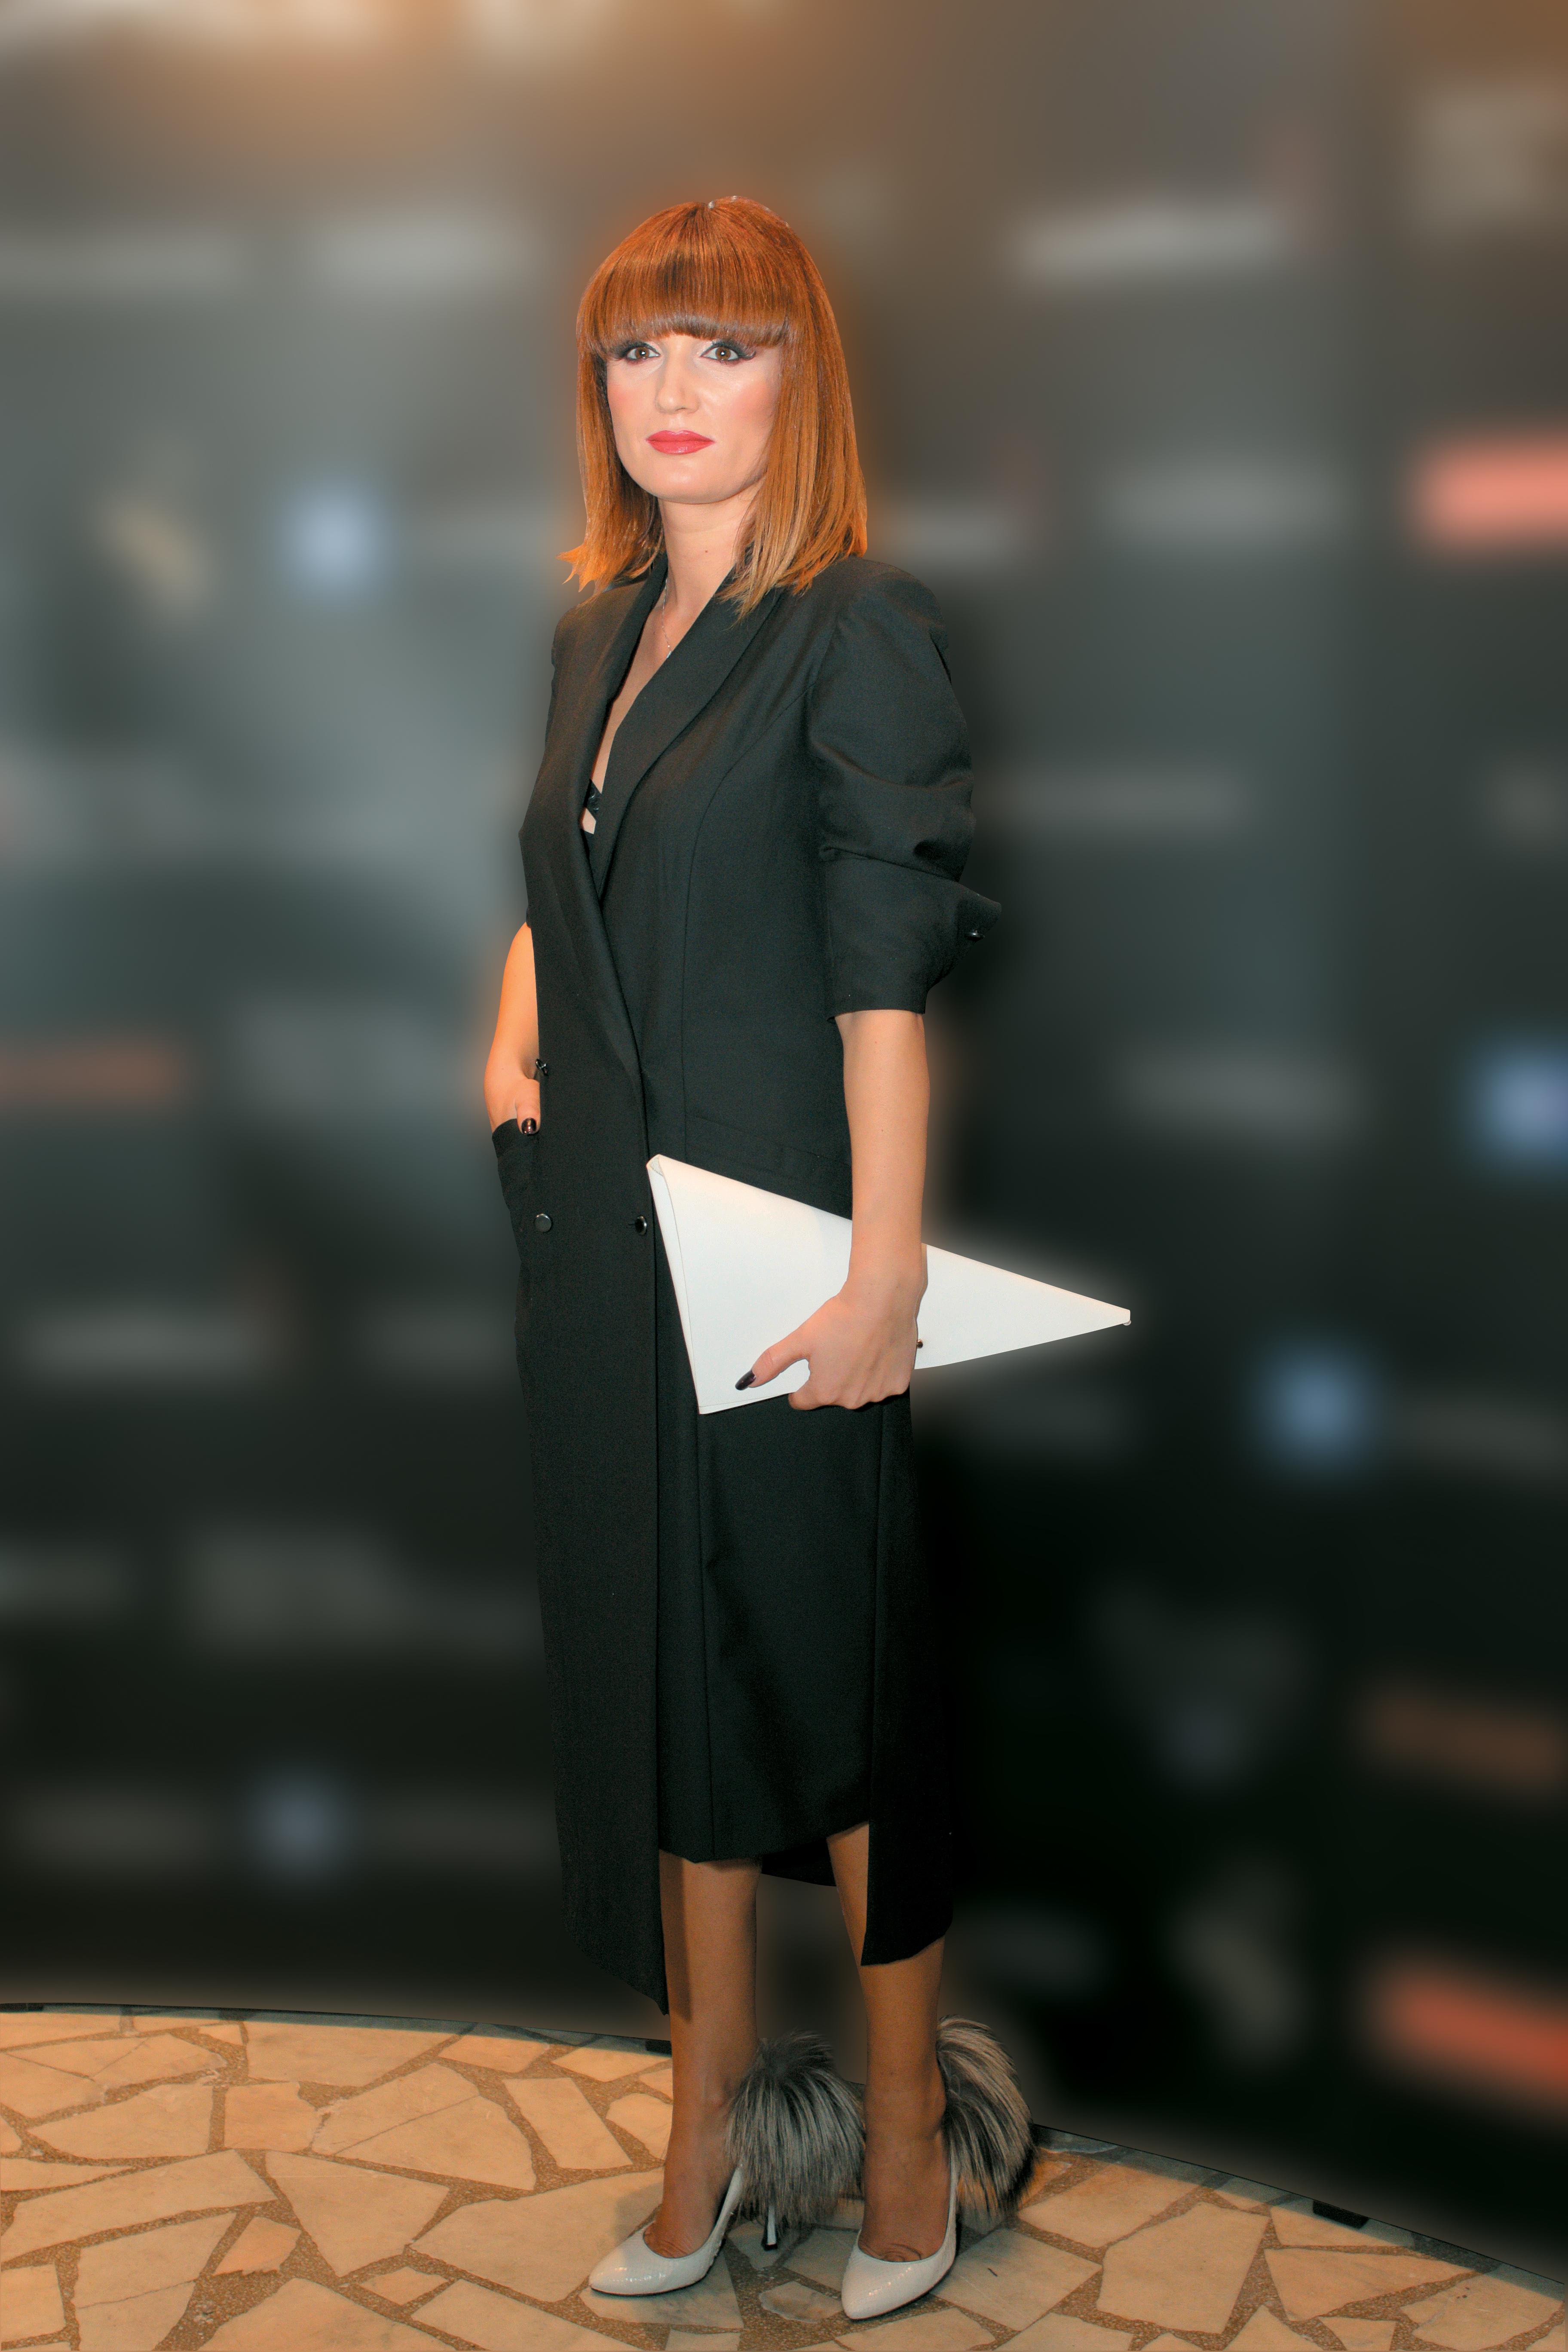 Carmen Negoita